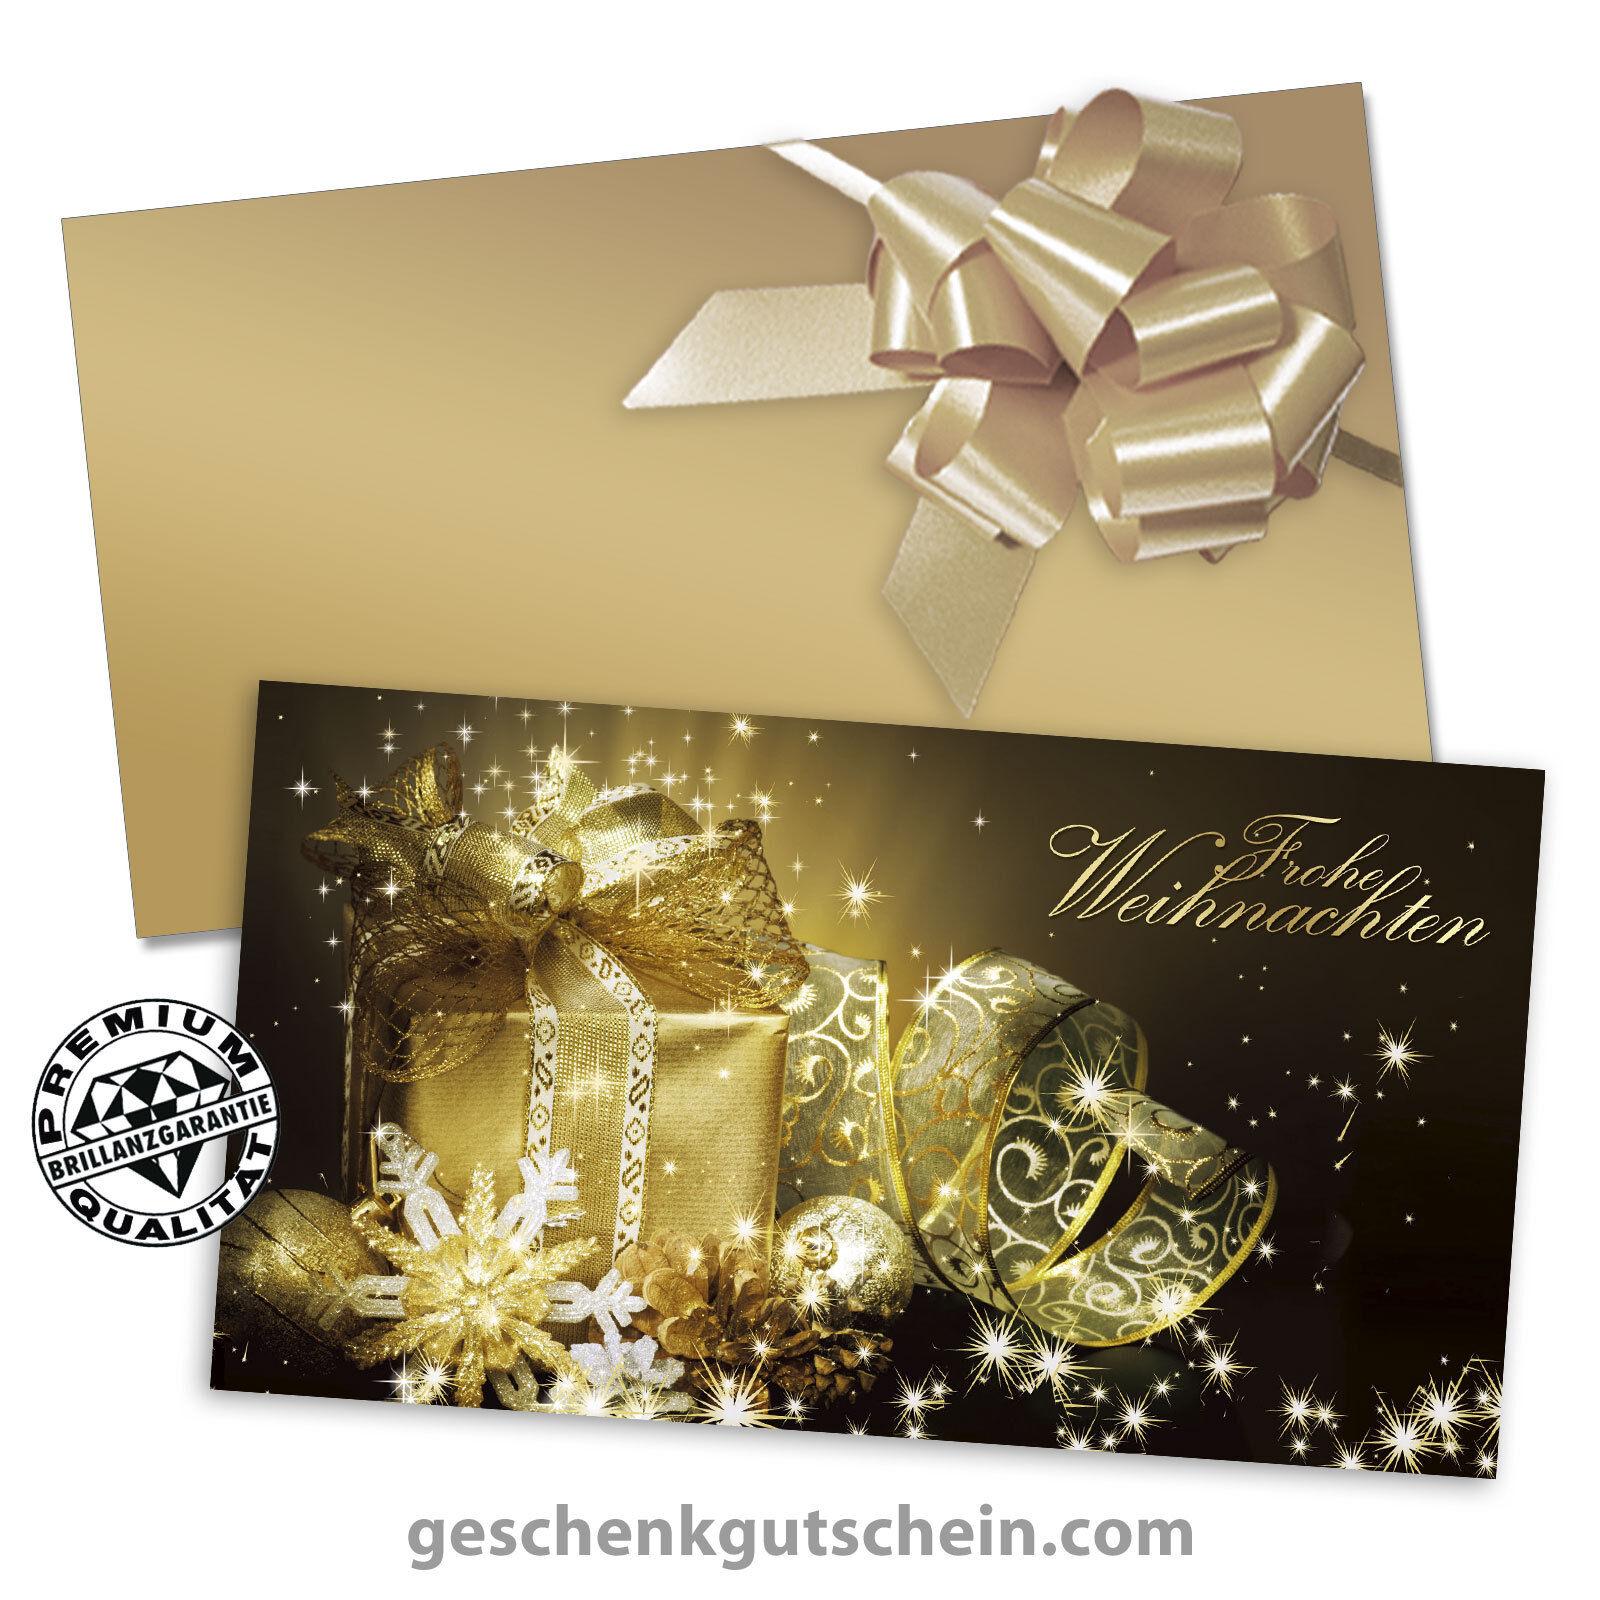 Weihnachts-Gechenkgutscheine mit KuGrüns KuGrüns KuGrüns und Schleifen für alle Branchen X1216 | Neuheit  | Sehen Sie die Welt aus der Perspektive des Kindes  609577